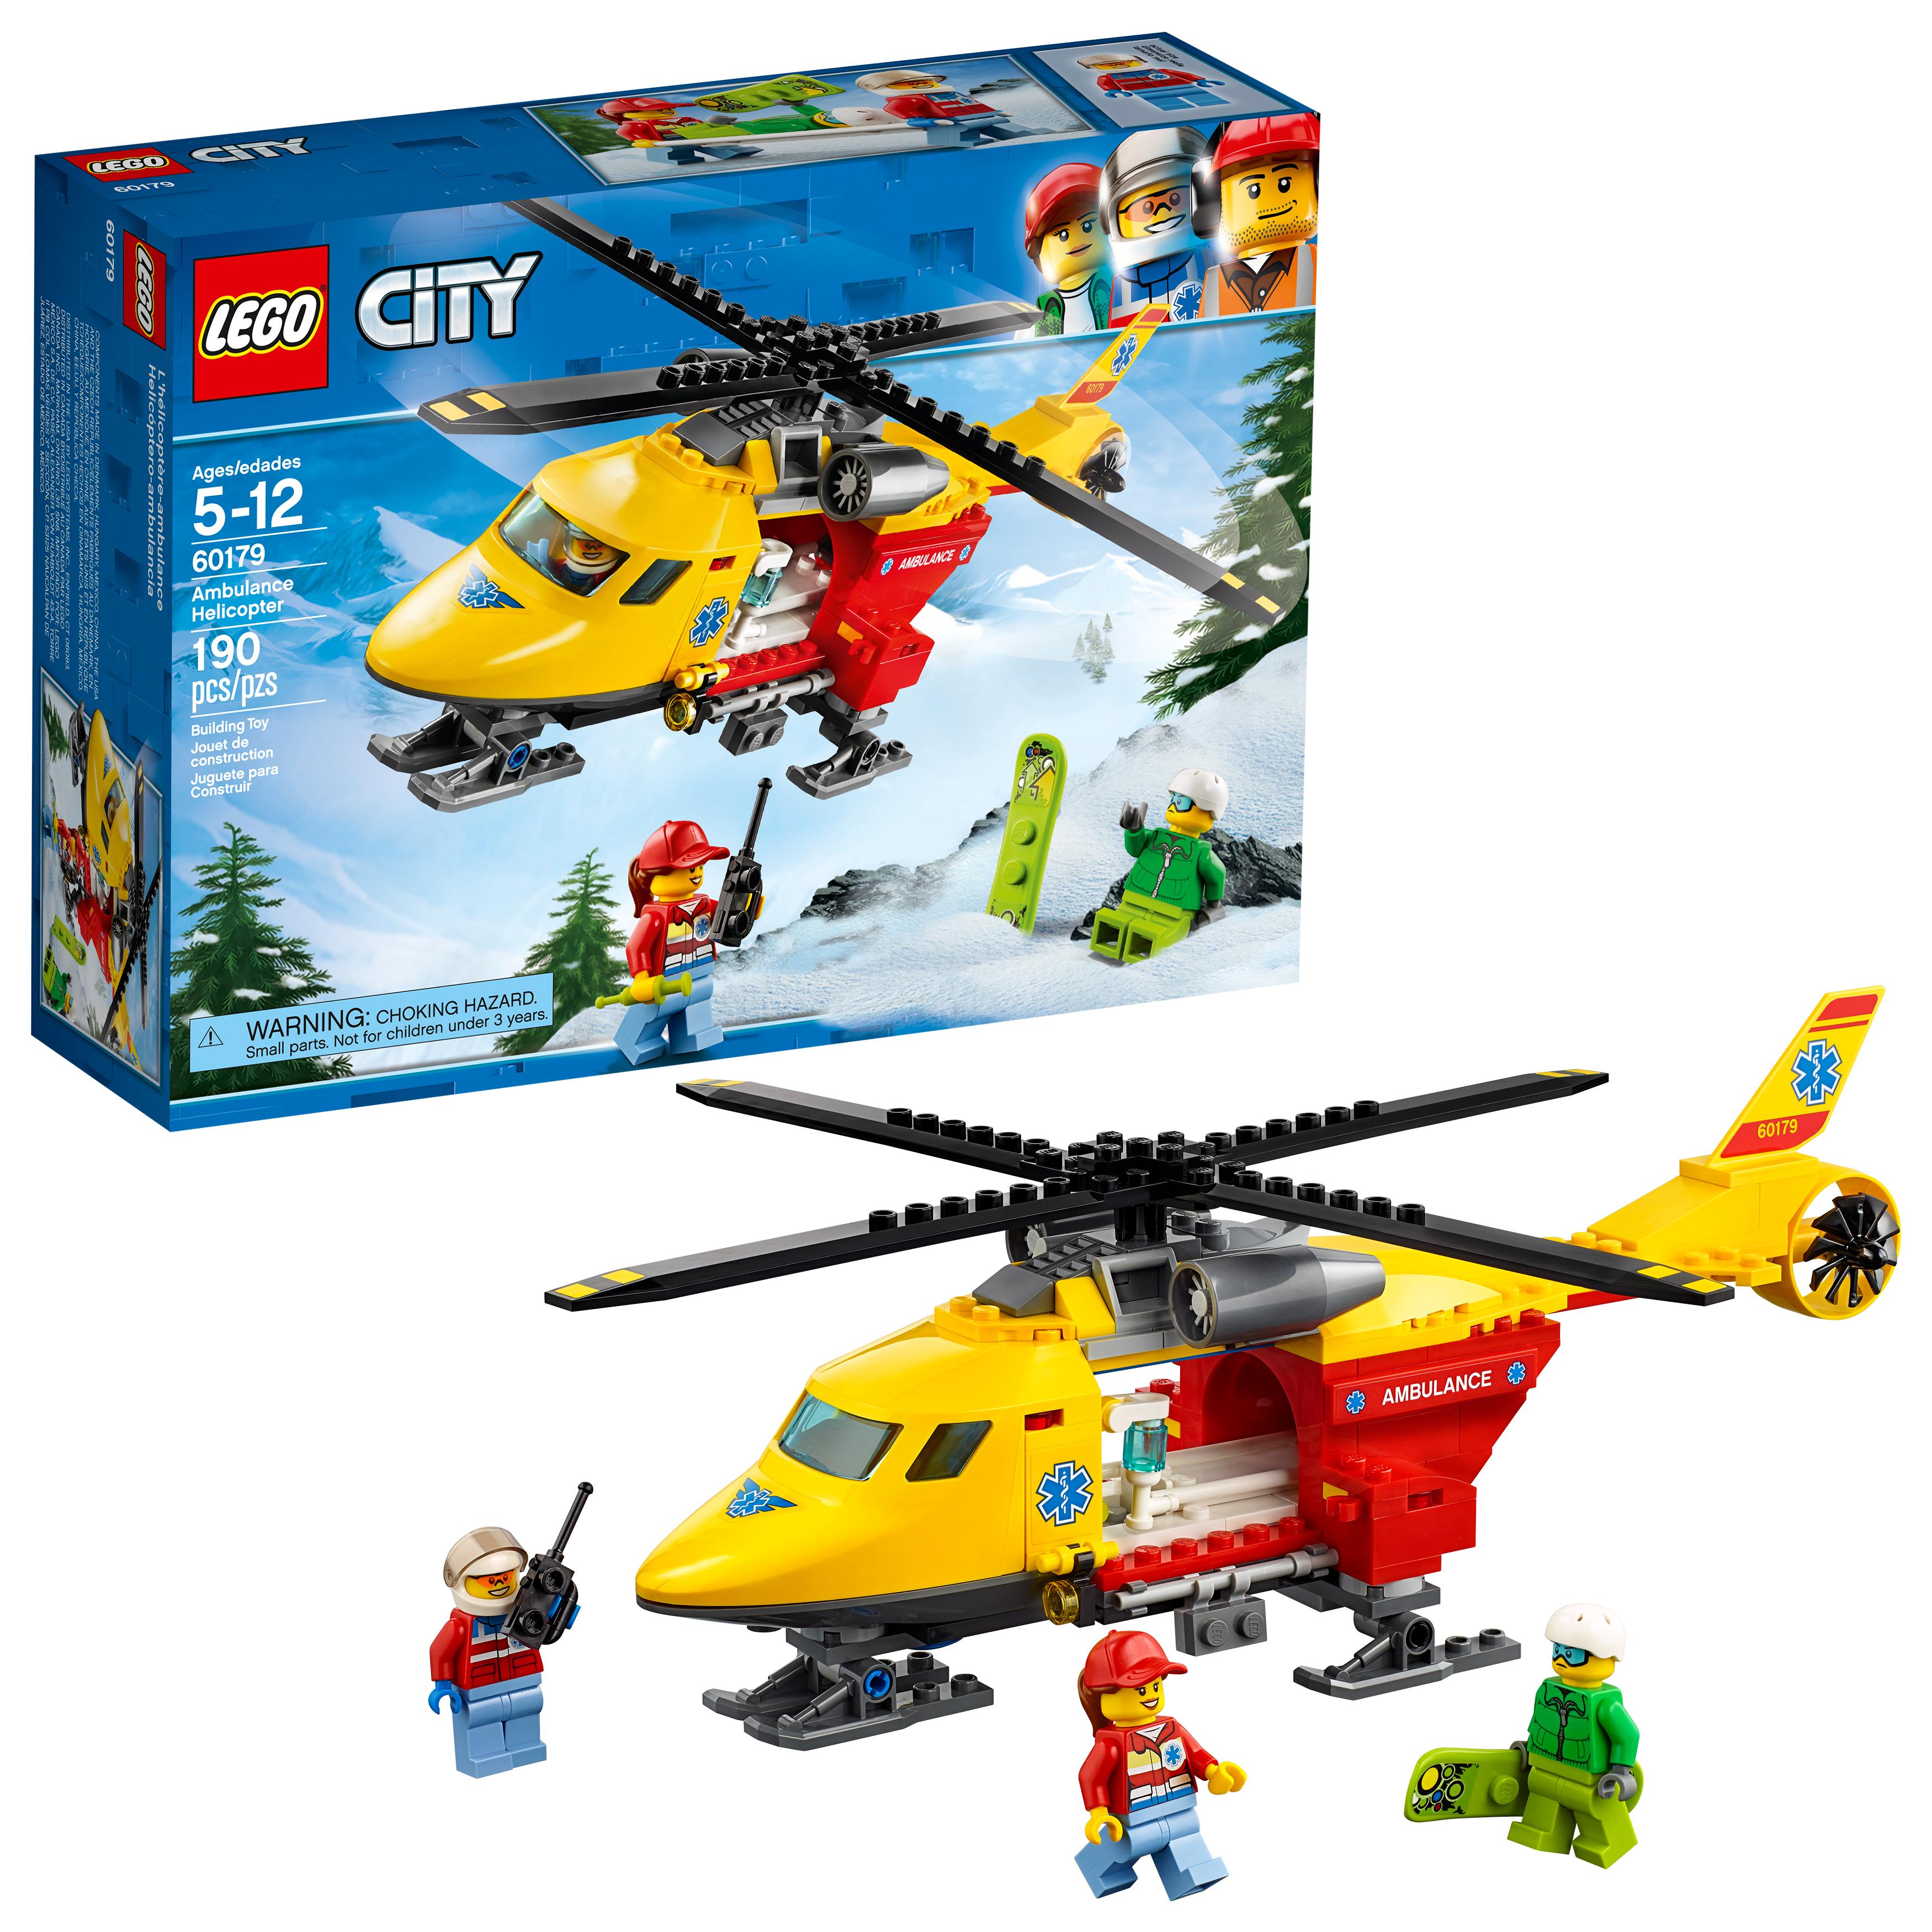 LEGO City Ambulance Helicopter Building Kit (60179) $11.99 @ Walmart / Amazon